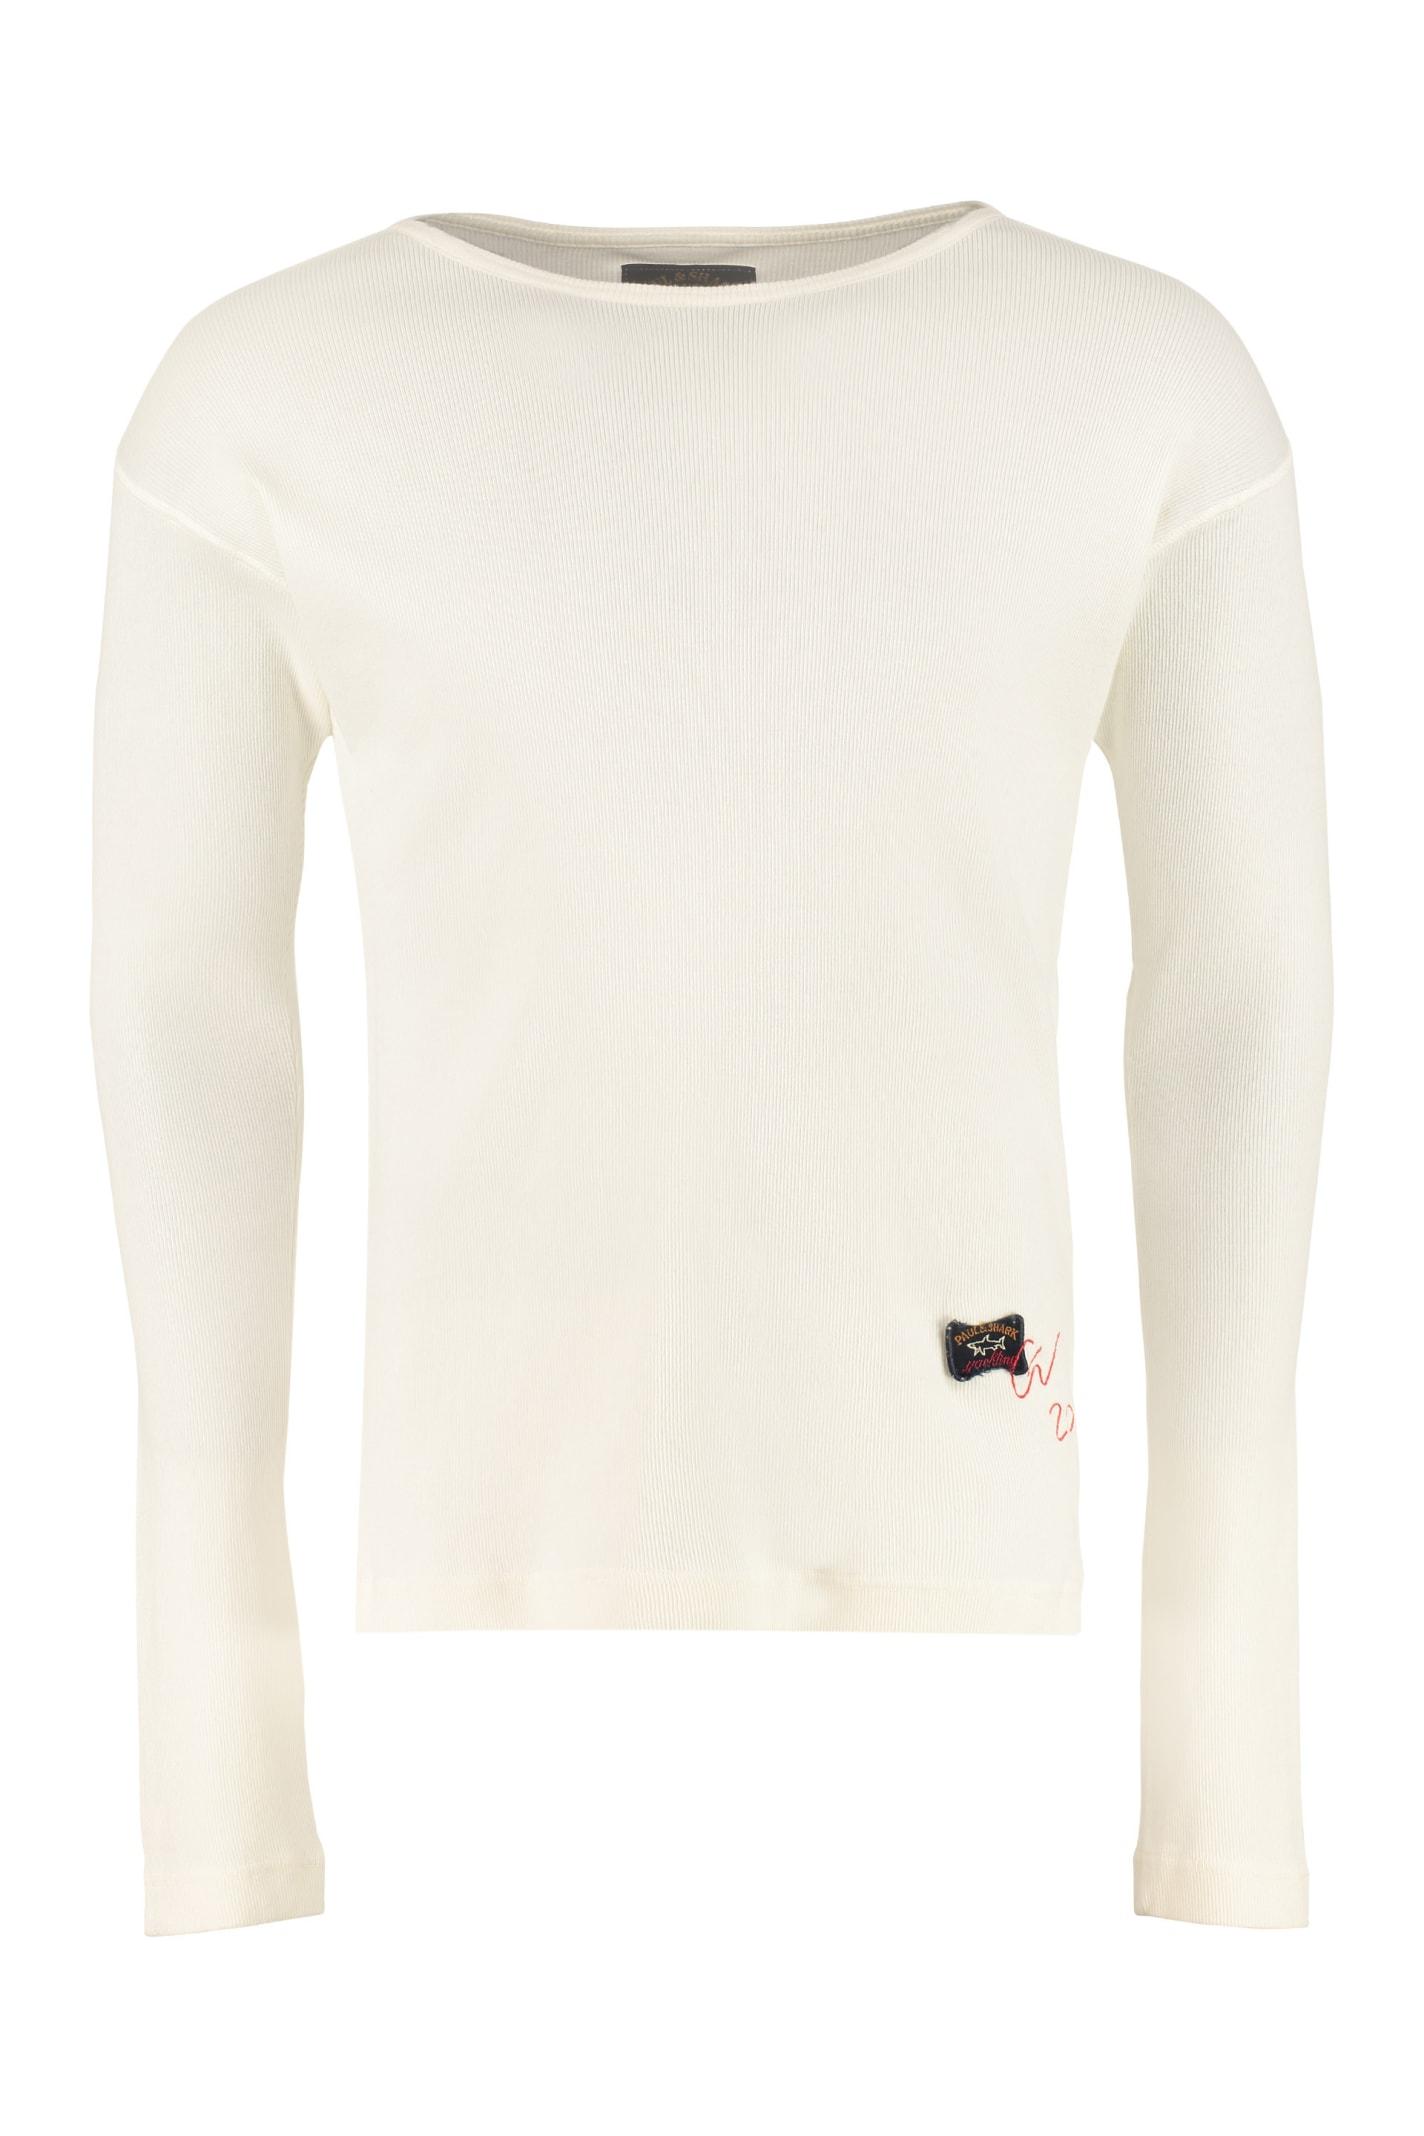 Paul & Shark Long-sleeve Cotton T-shirt